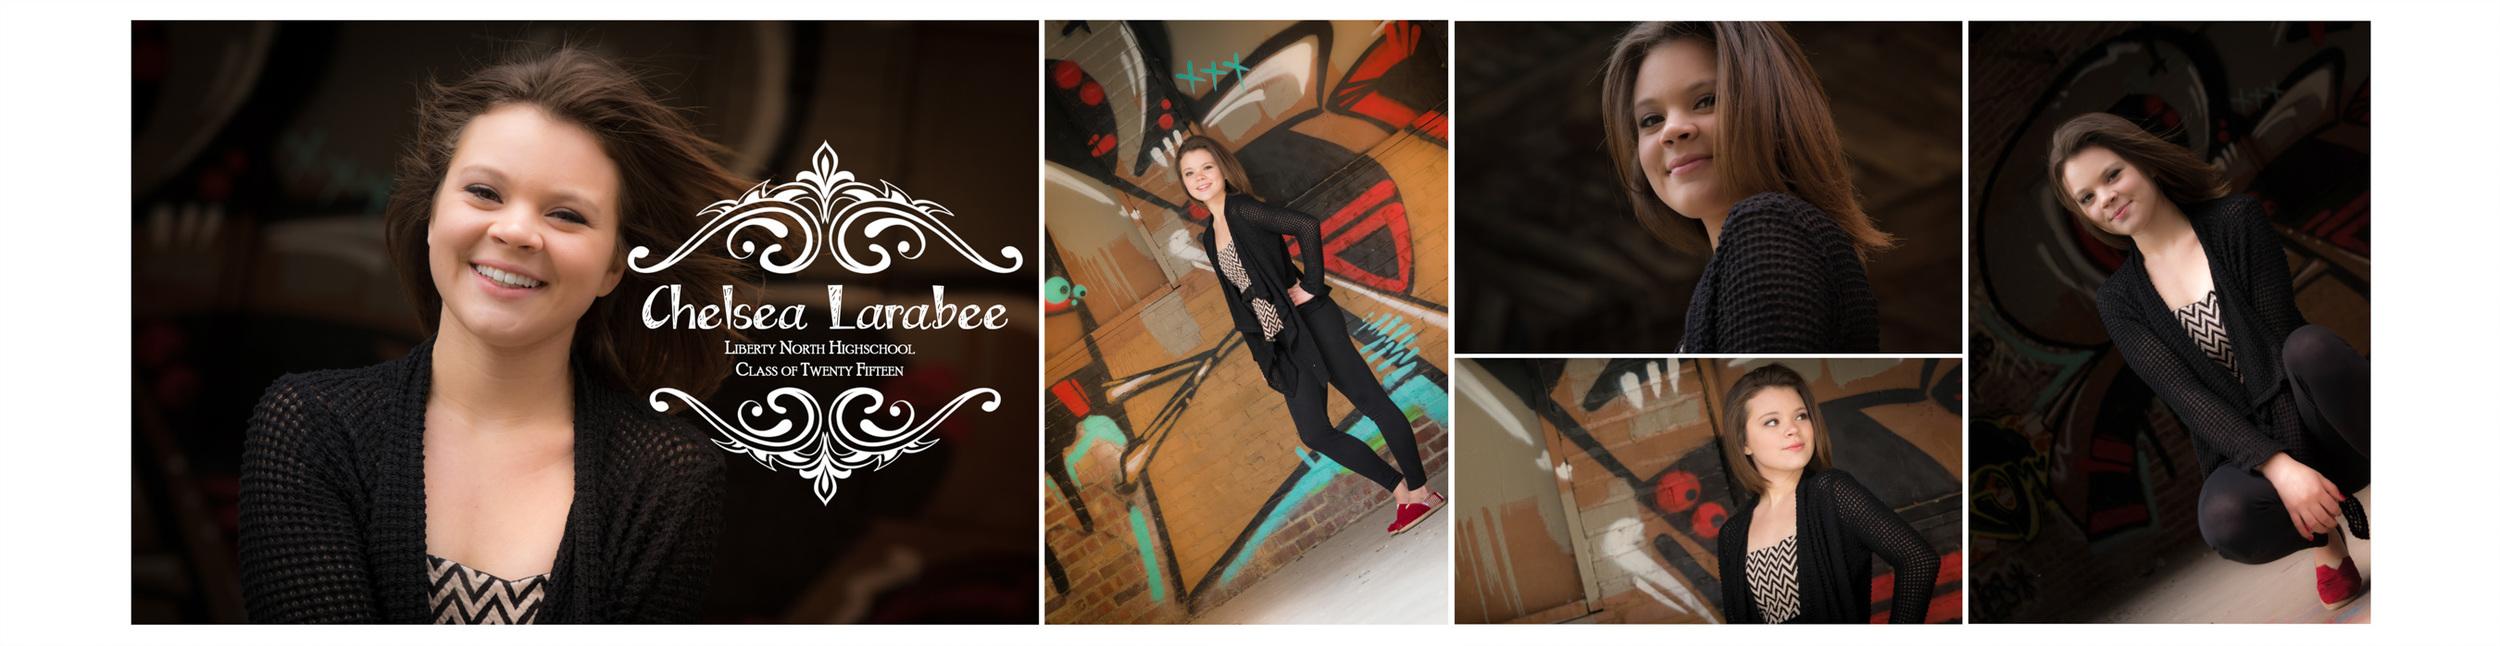 Chelsea Larabee Senior CatsEye Photography 2015 Banner 7.jpg